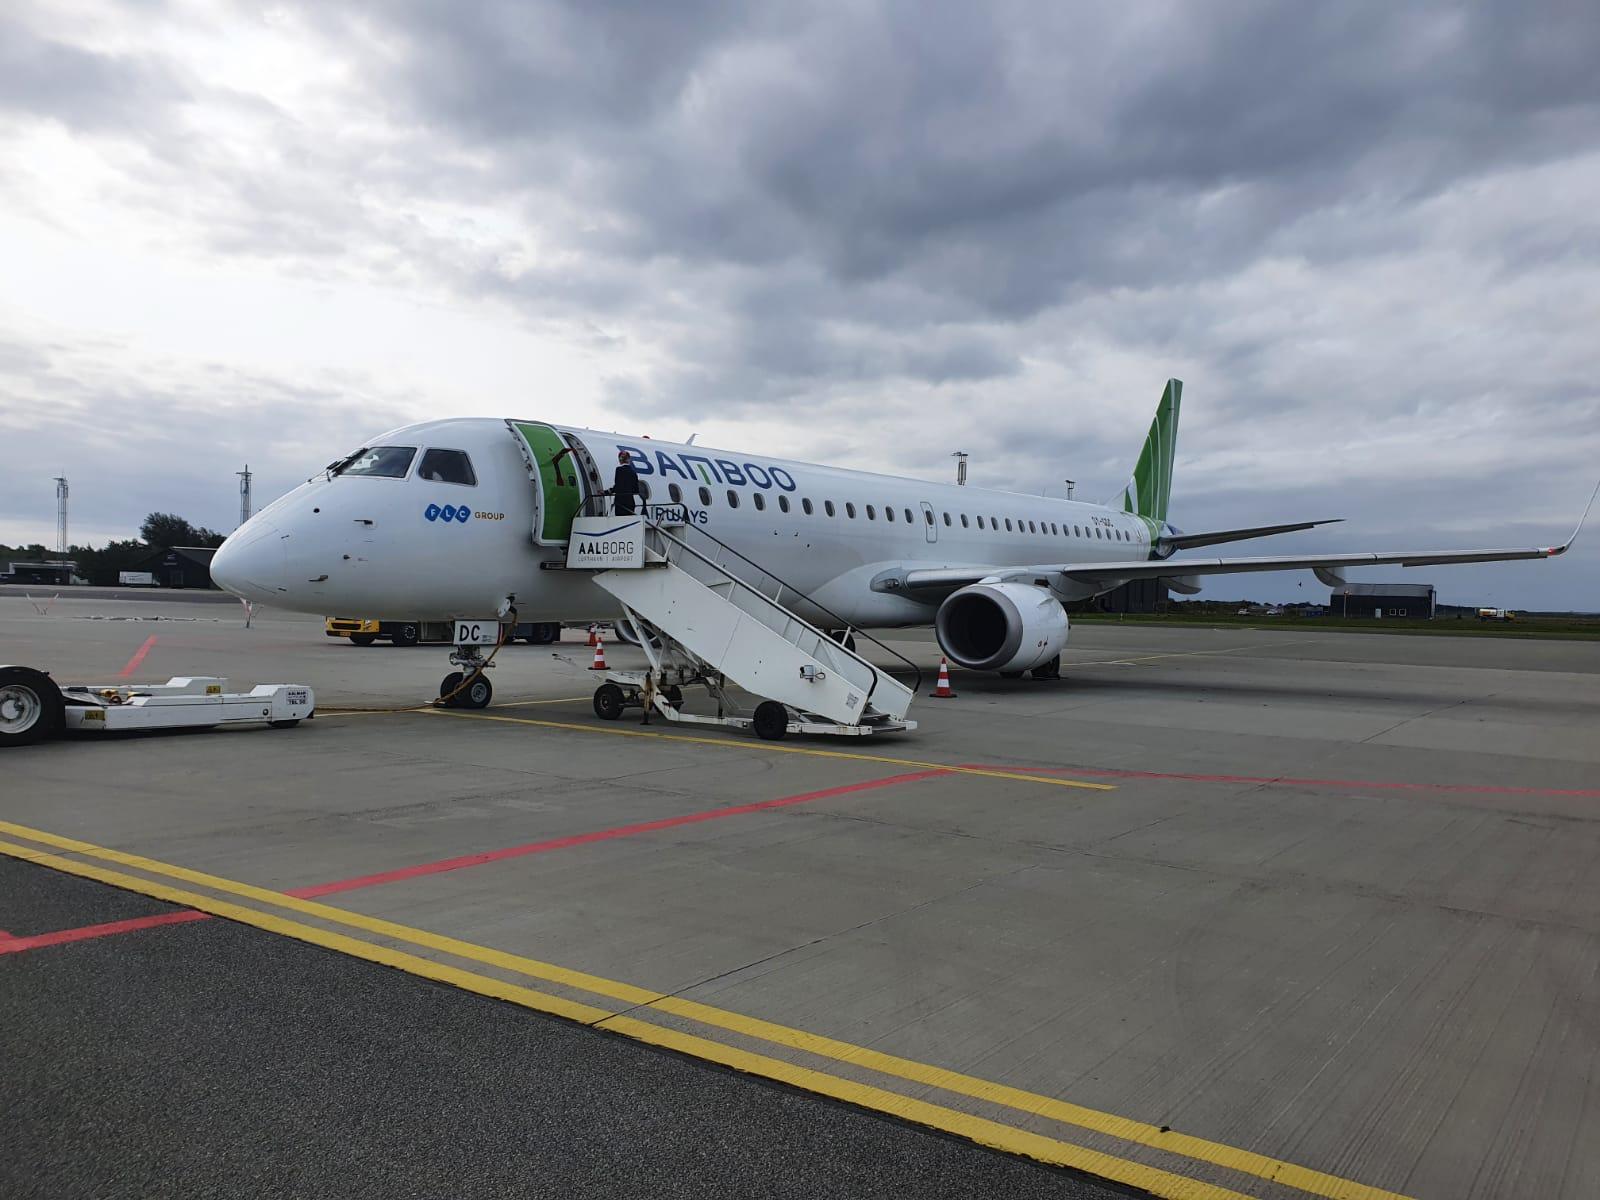 Bamboo Airways đón máy bay phản lực hiện đại Embraer E195, sẵn sàng bay thẳng Côn Đảo từ 29/9 - Ảnh 2